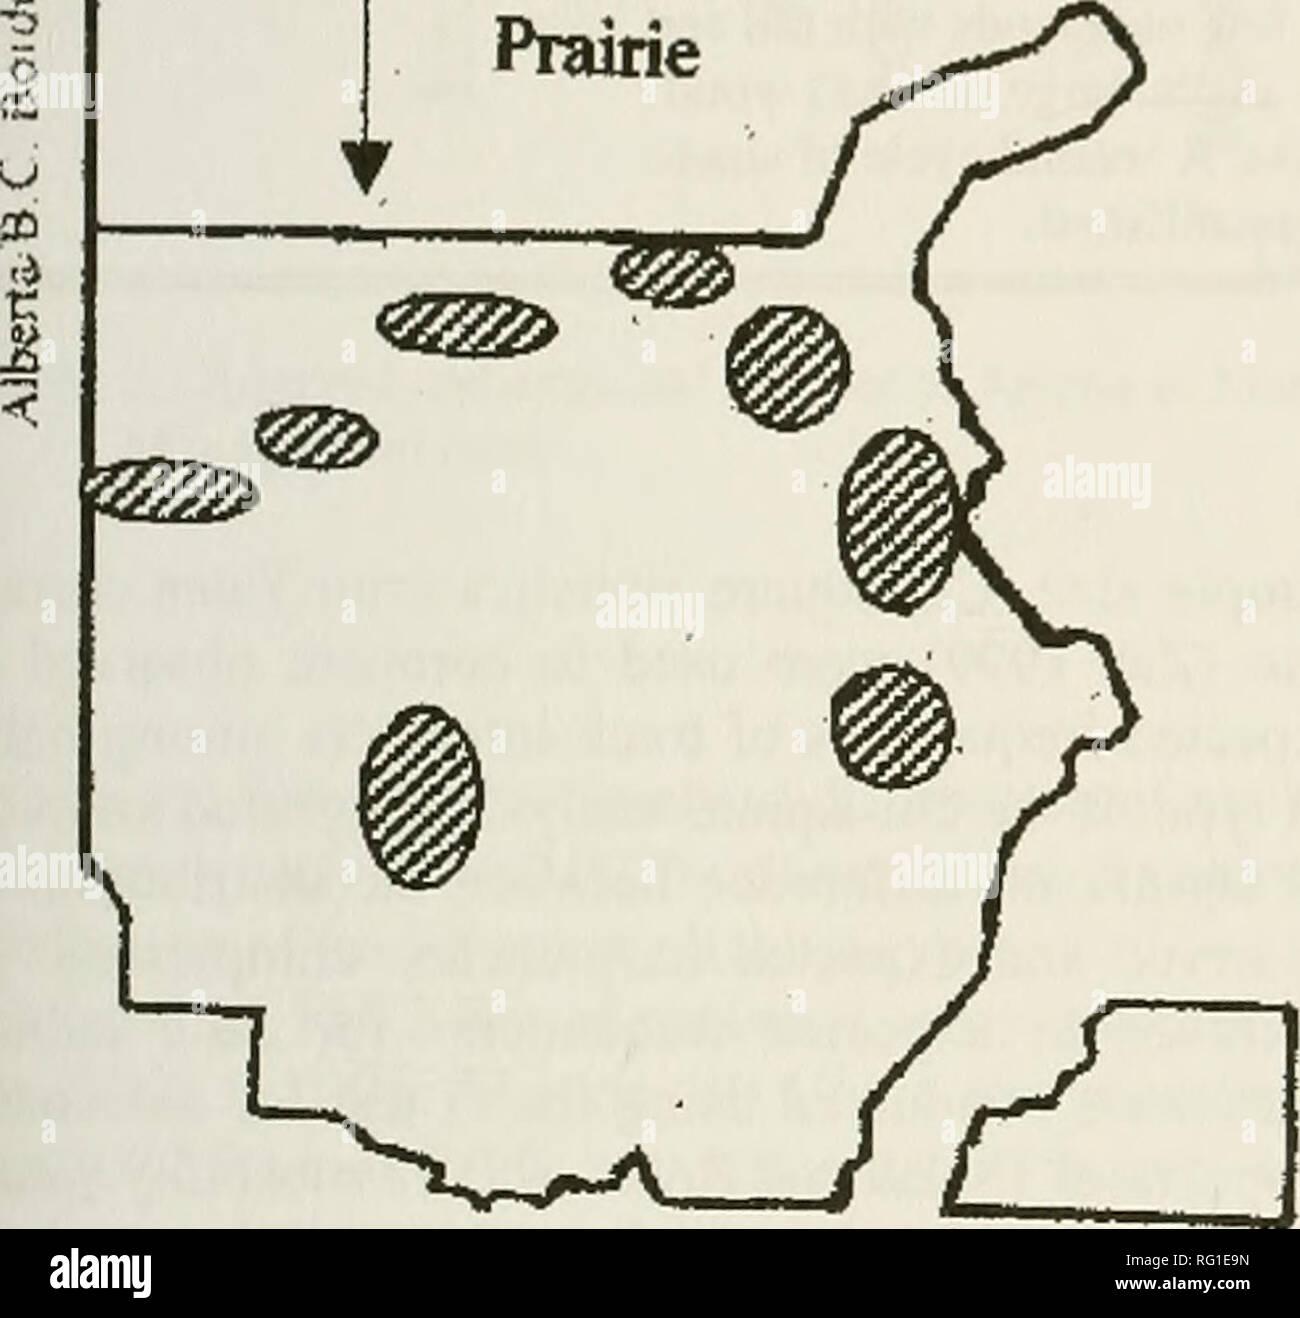 Prairie Books Stock Photos & Prairie Books Stock Images - Alamy